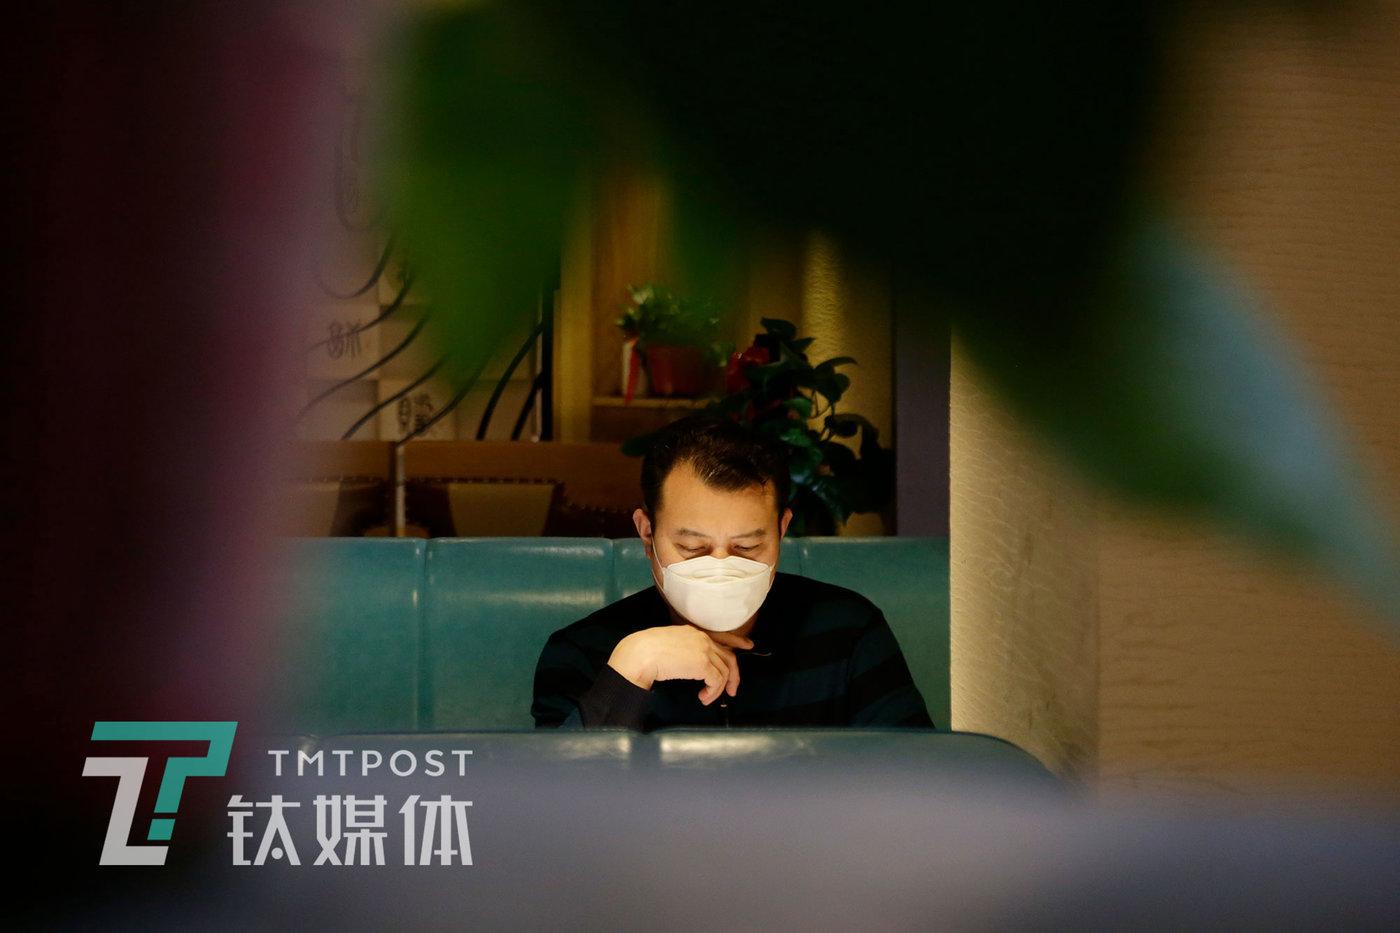 4月1日,王谋福在店里浏览手机看疫情相关的新闻。